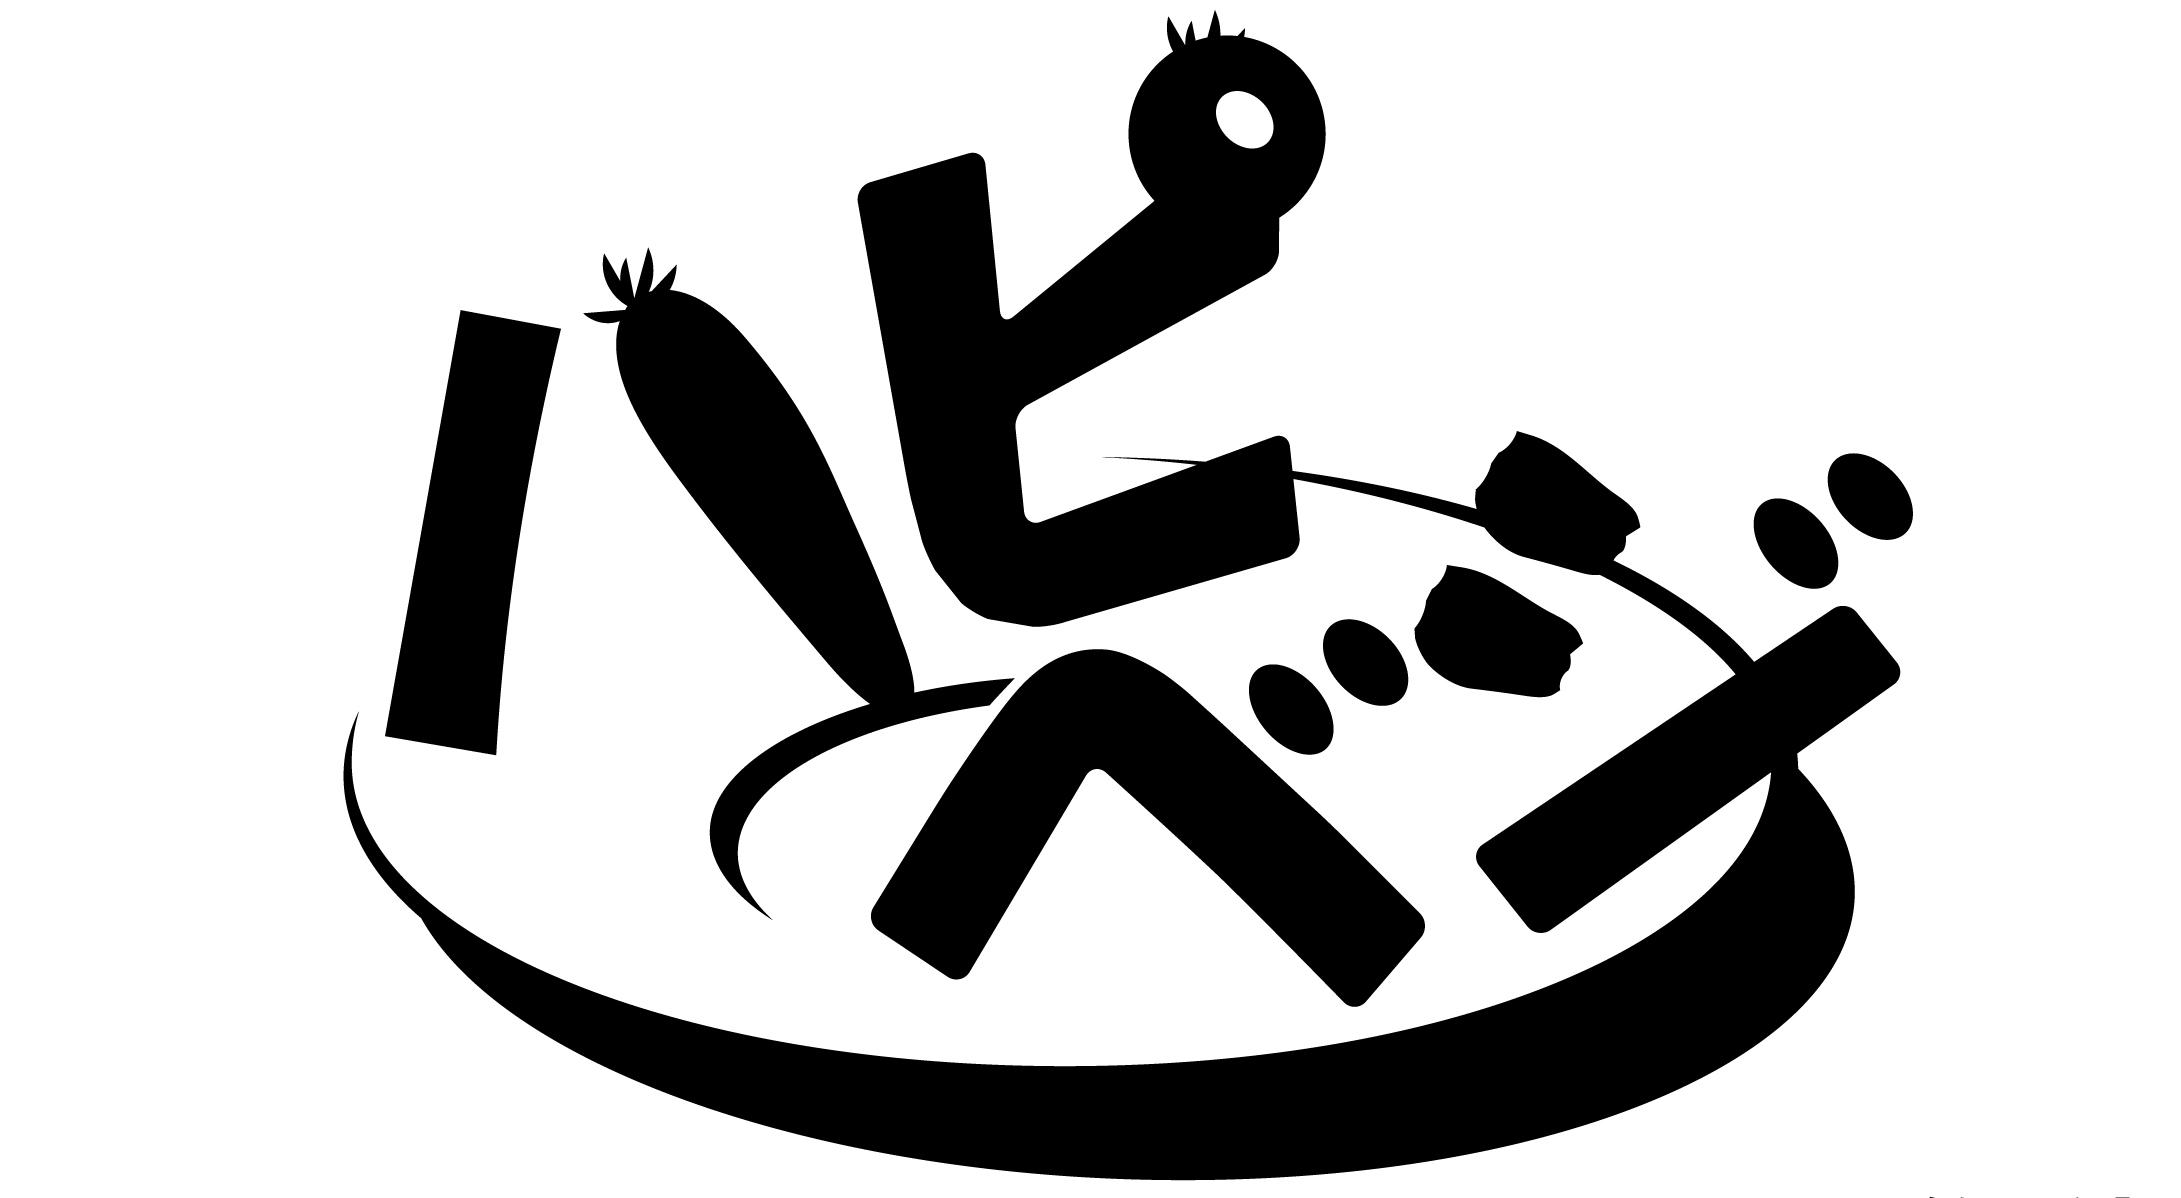 ハピベジロゴ(皿付き/モノクロ/単体)